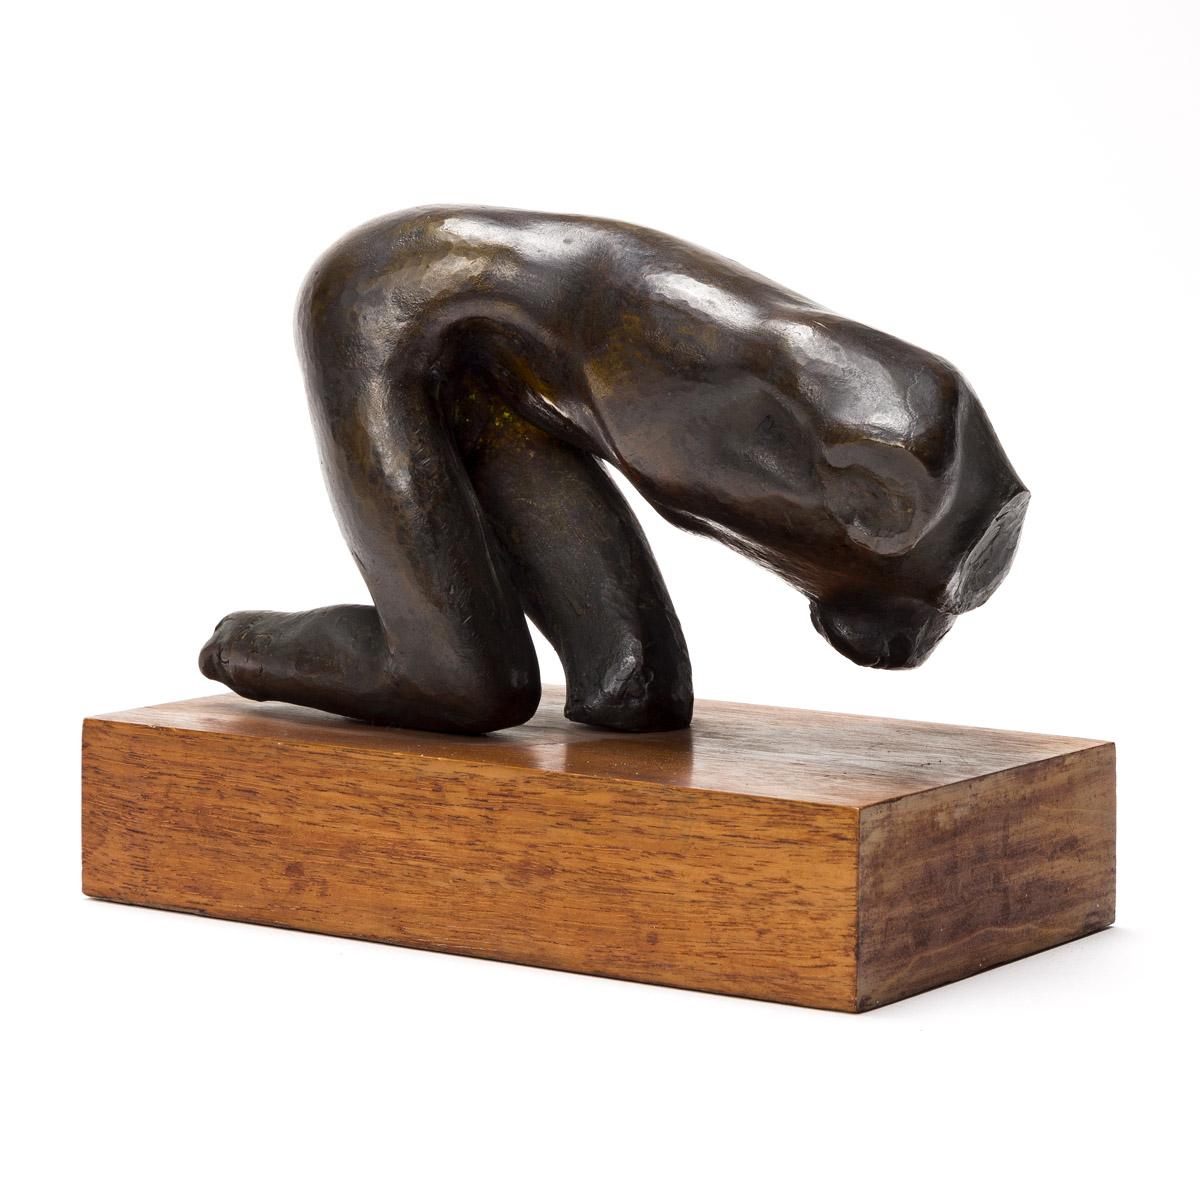 SAUL BAIZERMAN (1889-1957) Two bronze sculptures.